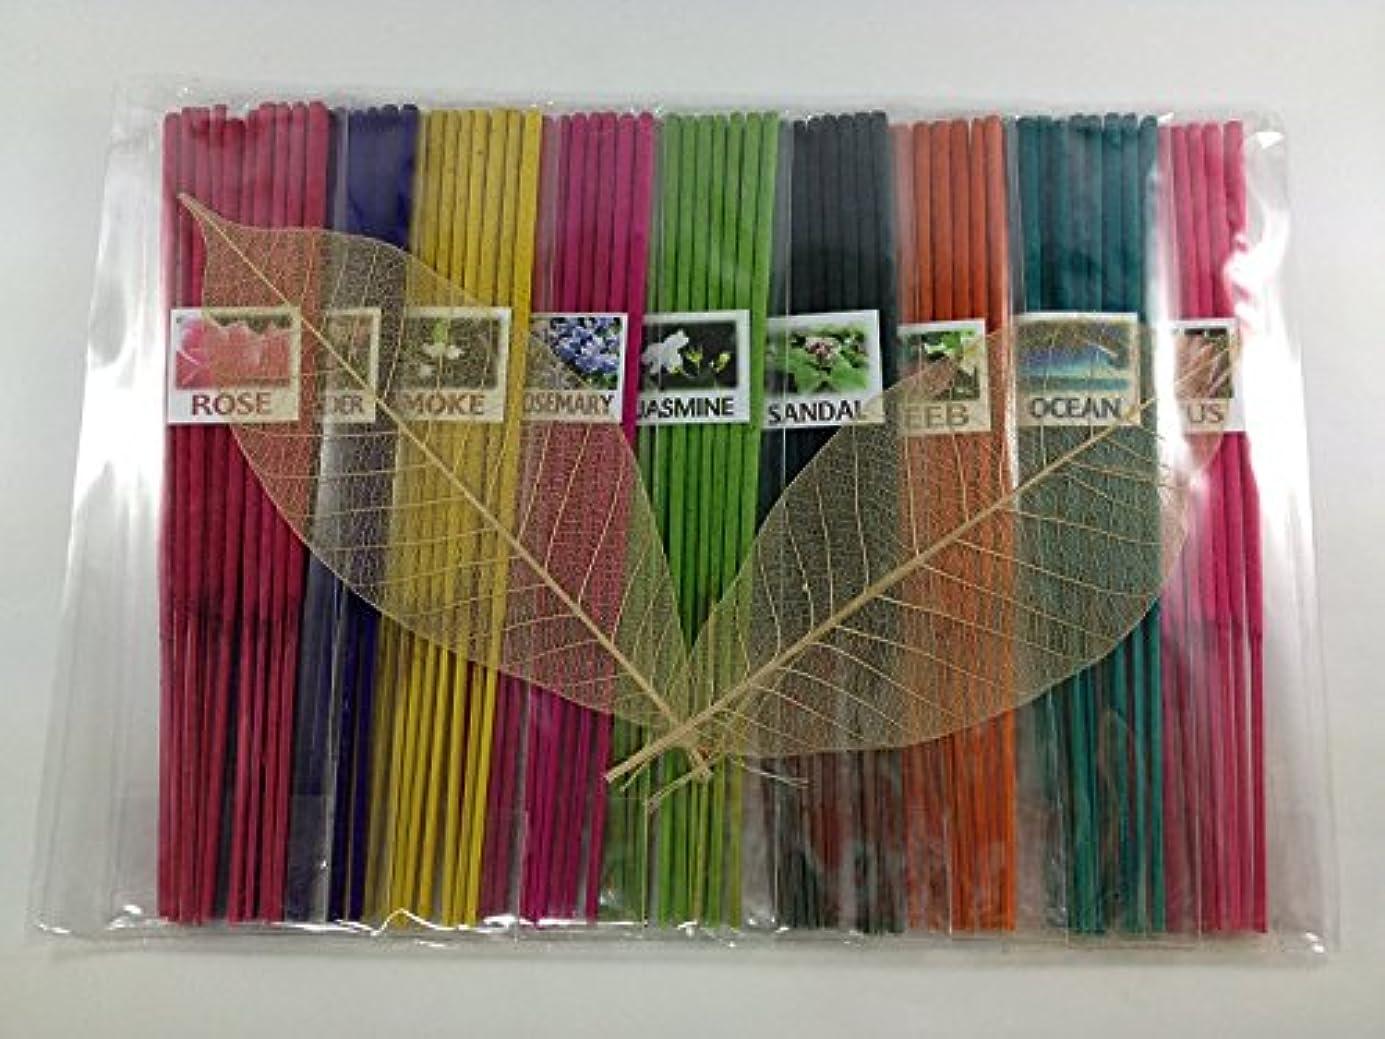 責サービス効能あるThai Incense Sticks with 9 Aroma Smell - Moke Rosemary Jasmine Sandal Lotus Ocean Rose Lavender Peeb.